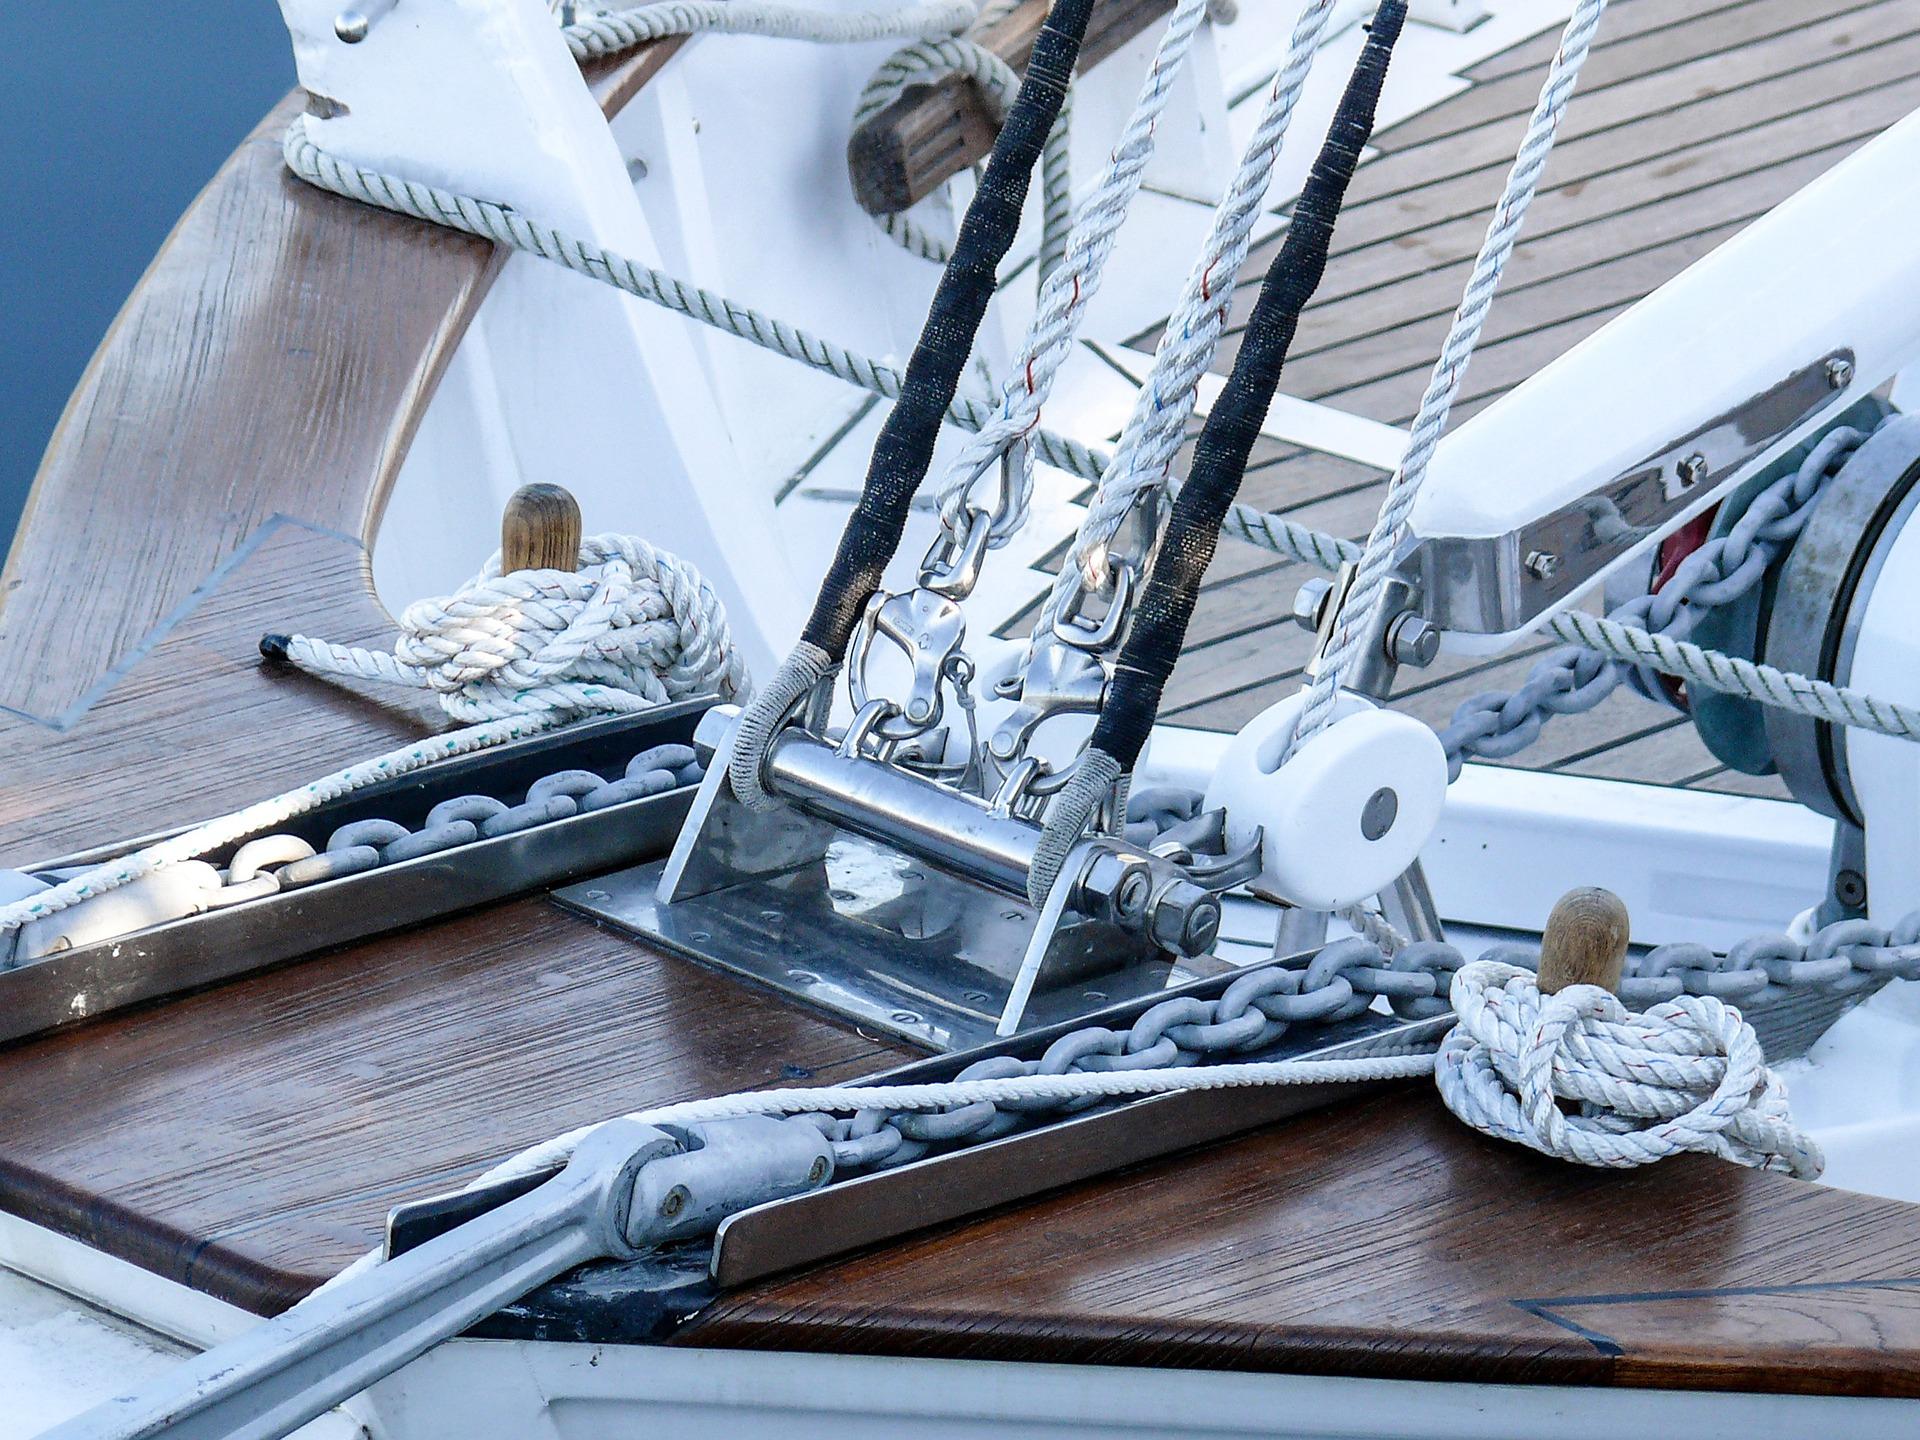 accastillage-bateau